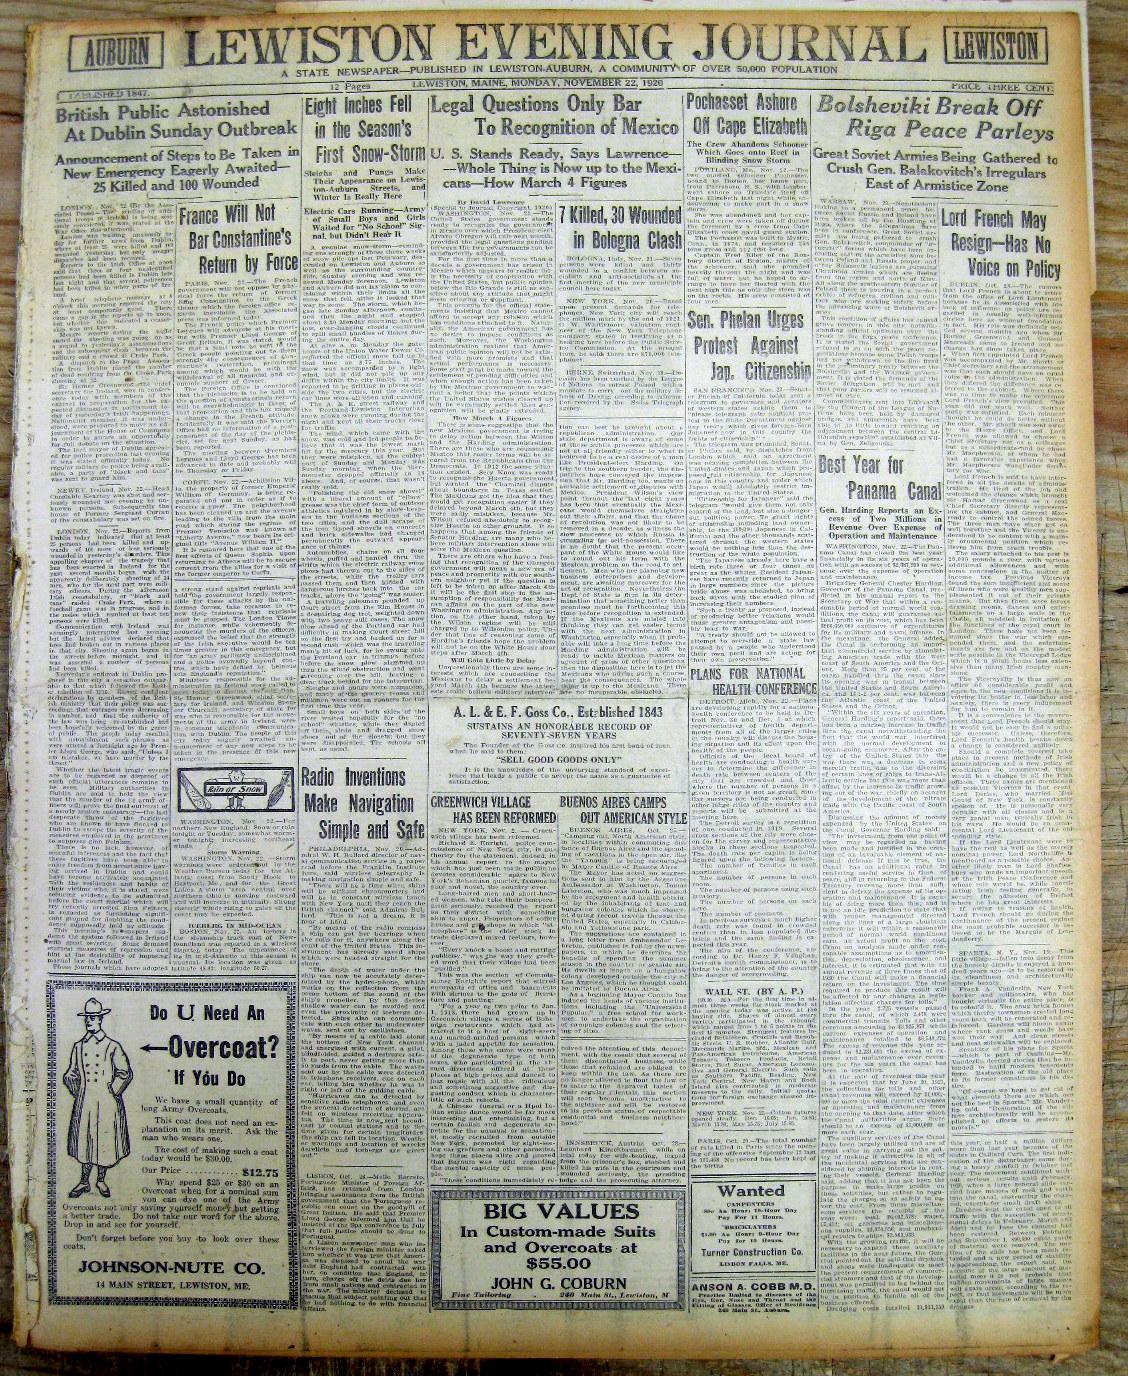 1920 bloody sunday L'espressione bloody sunday (domenica di sangue) è talvolta utilizzata per indicare il 21 novembre 1920, quando l'esercito britannico aprì il fuoco sulla folla nello stadio di croke park, a dublino, durante la partita di calcio gaelico fra le contee di dublino e tipperary, per rappresaglia dopo che, quella mattina, diciannove agenti segreti.